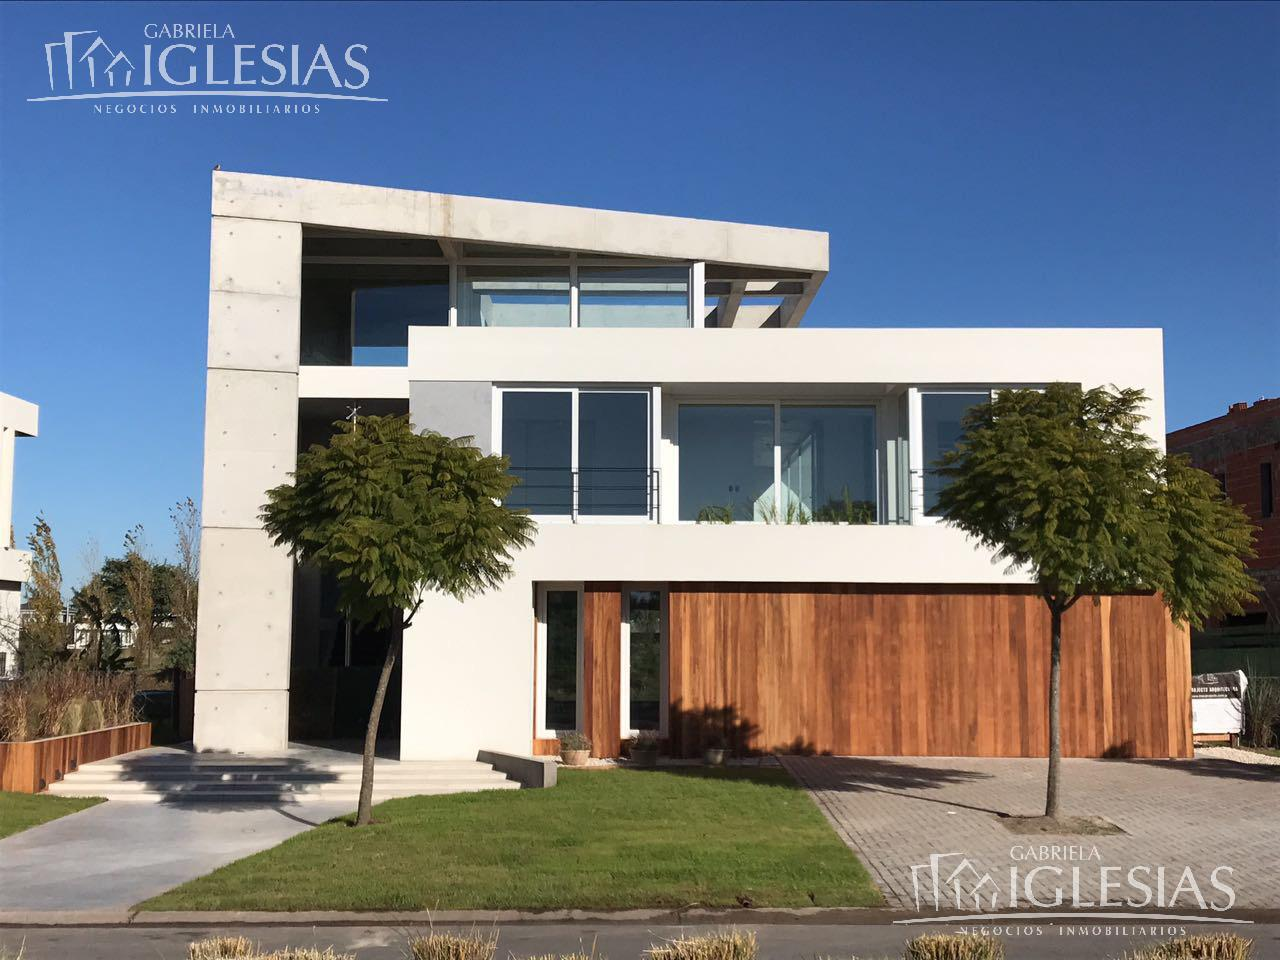 Casa en Venta en Nordelta Lagos del Golf a Venta - u$s 1.350.000